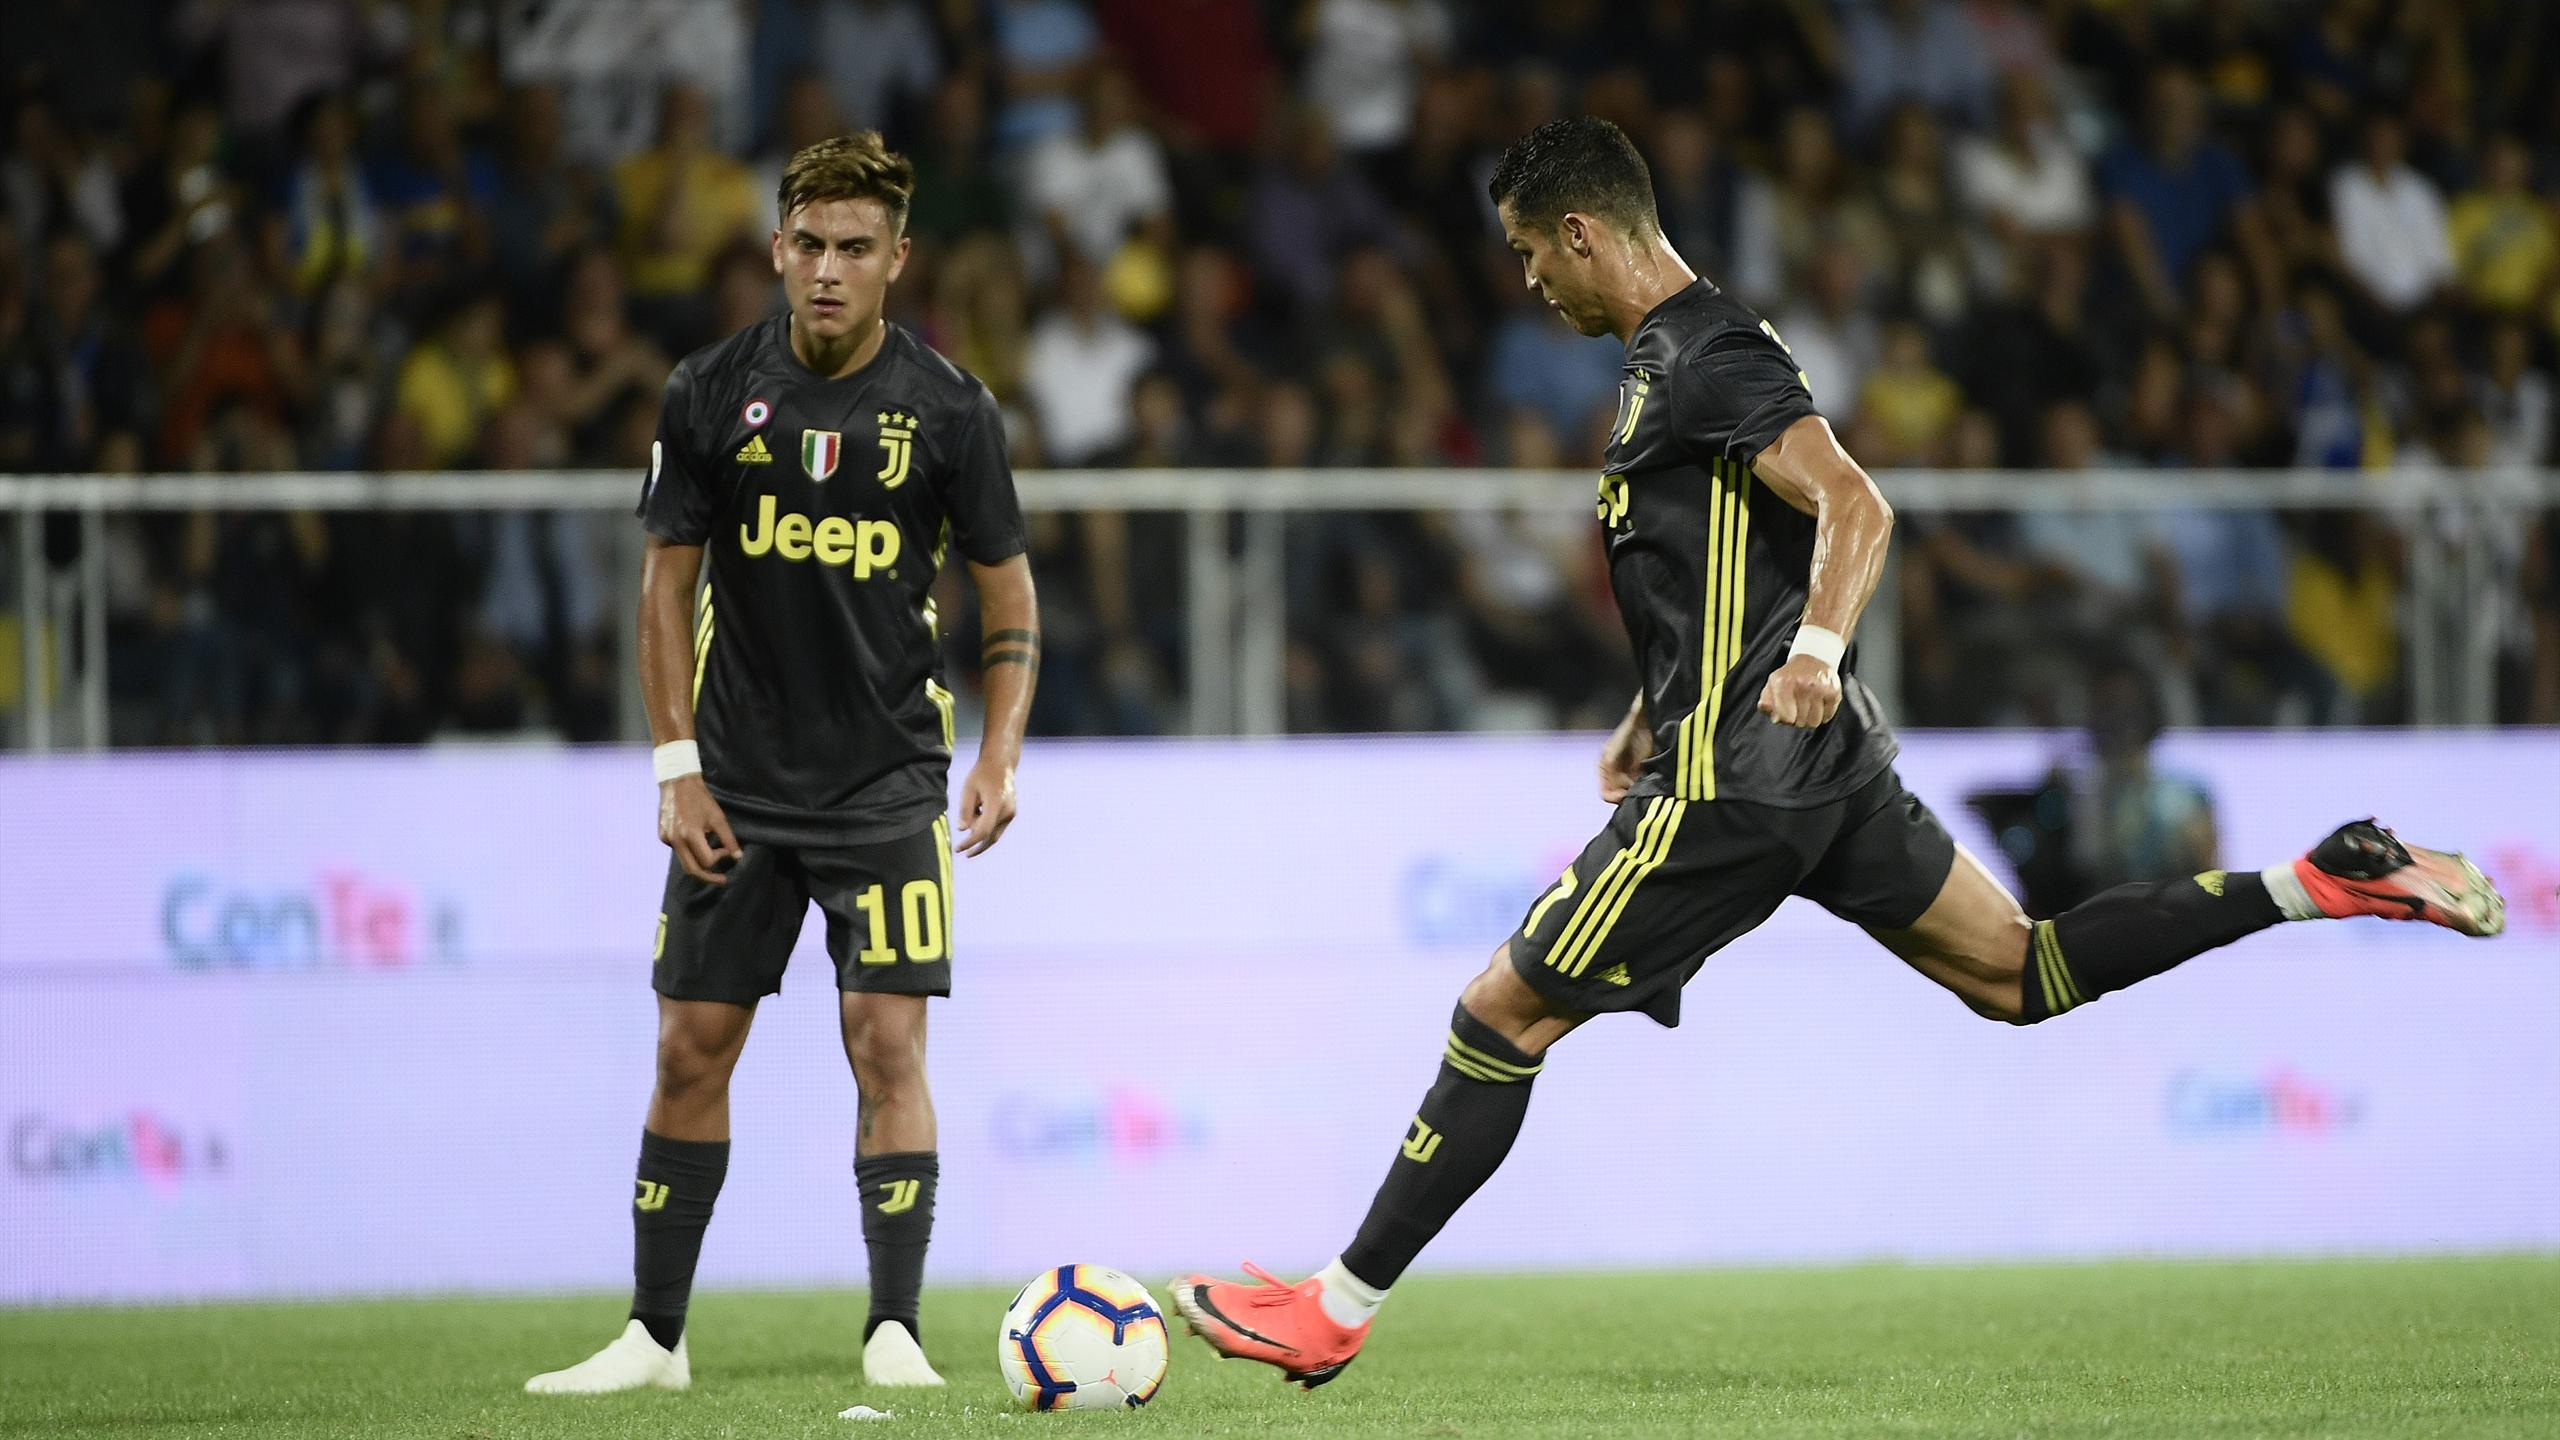 Pourquoi Ronaldo a marqué 699 buts et non pas 700 ?